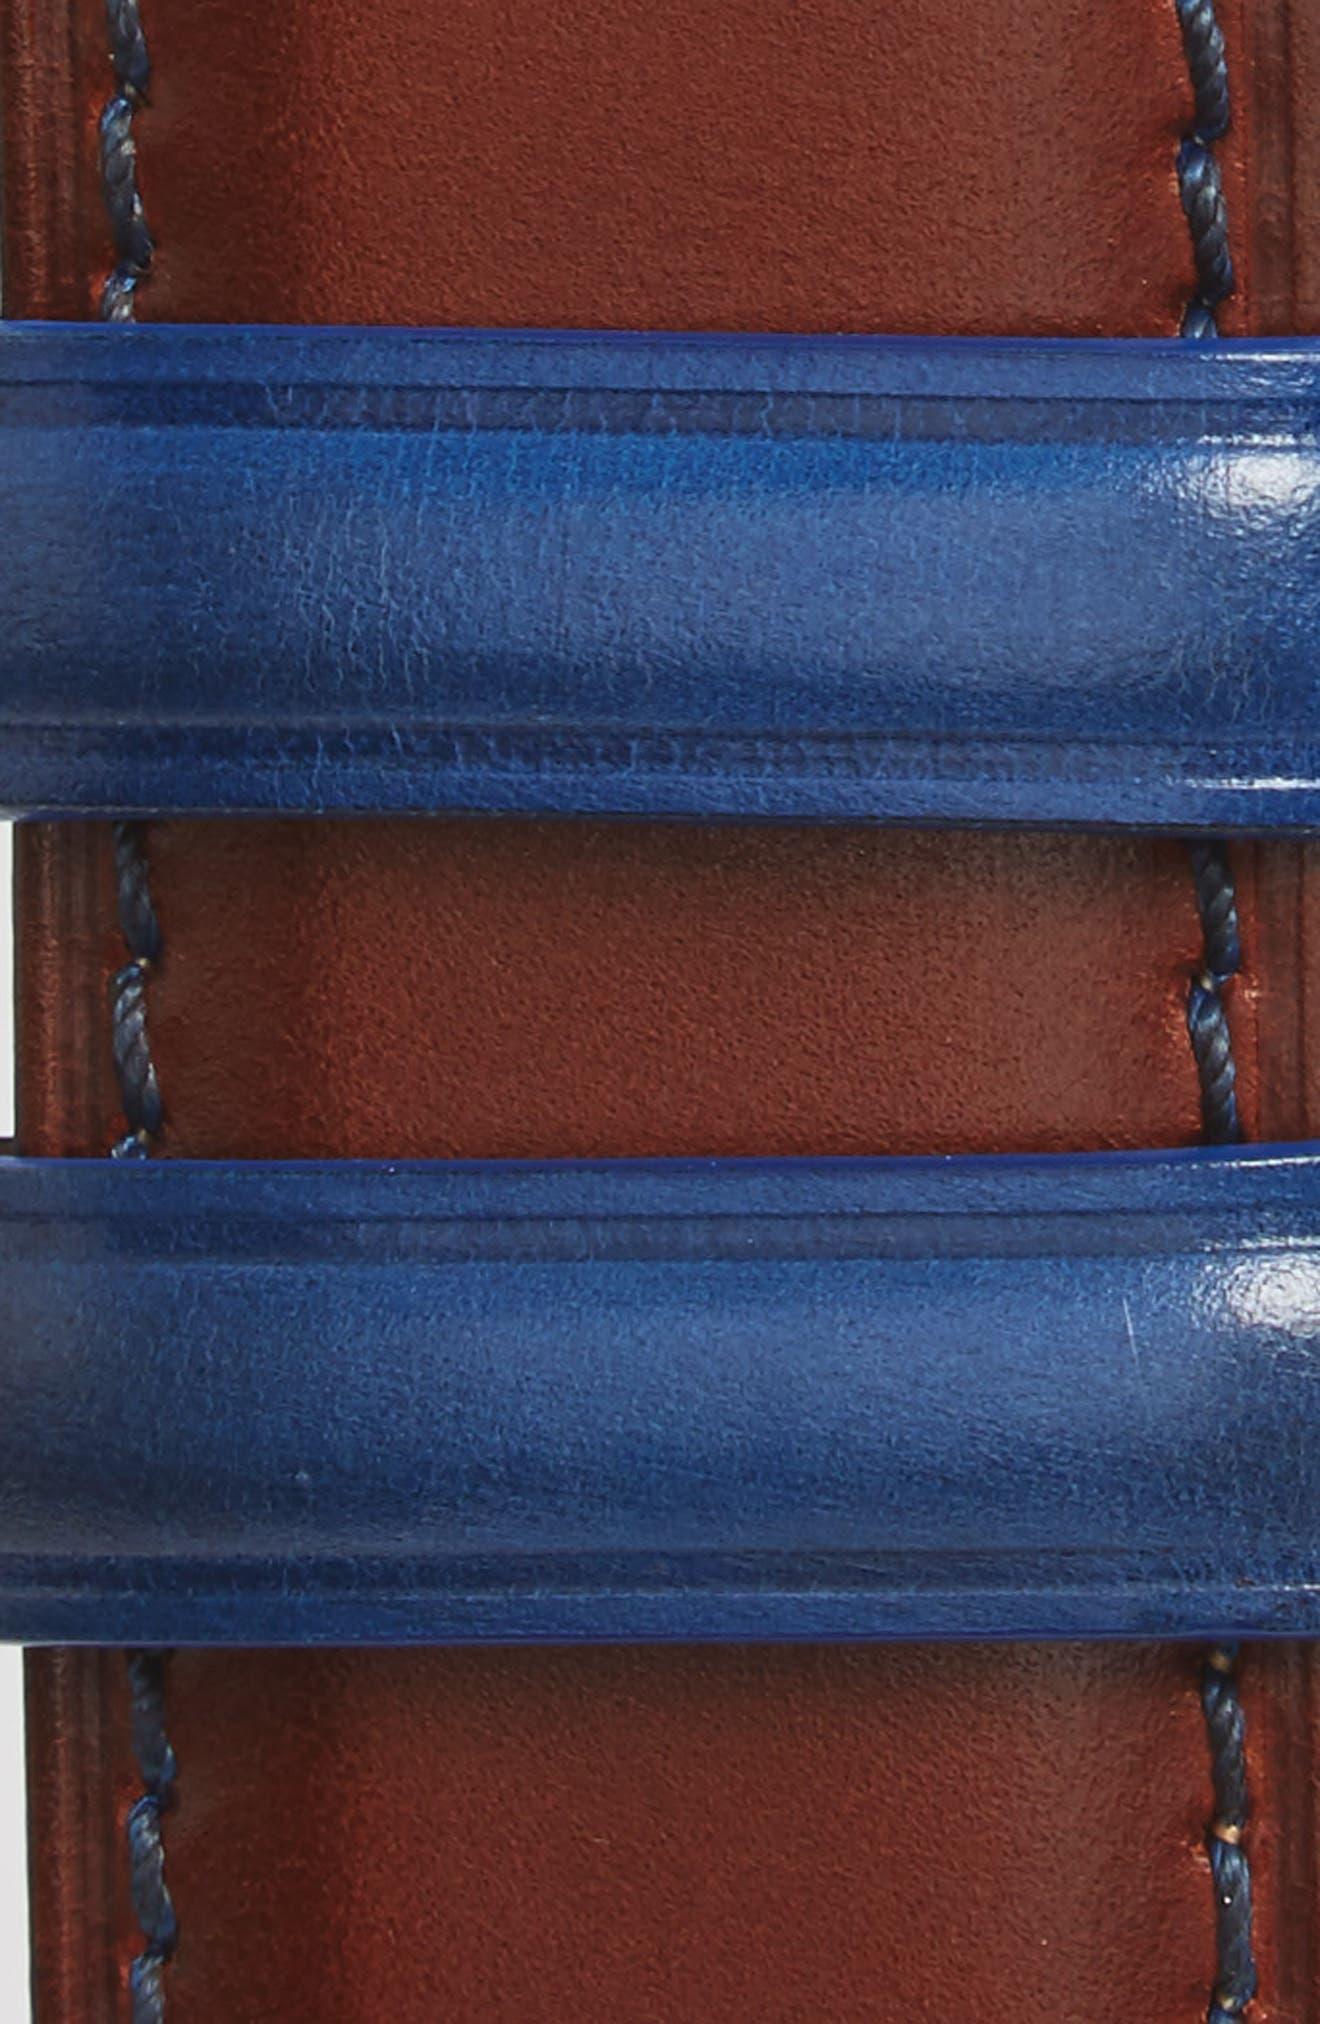 Burnished Calfskin Belt,                             Alternate thumbnail 4, color,